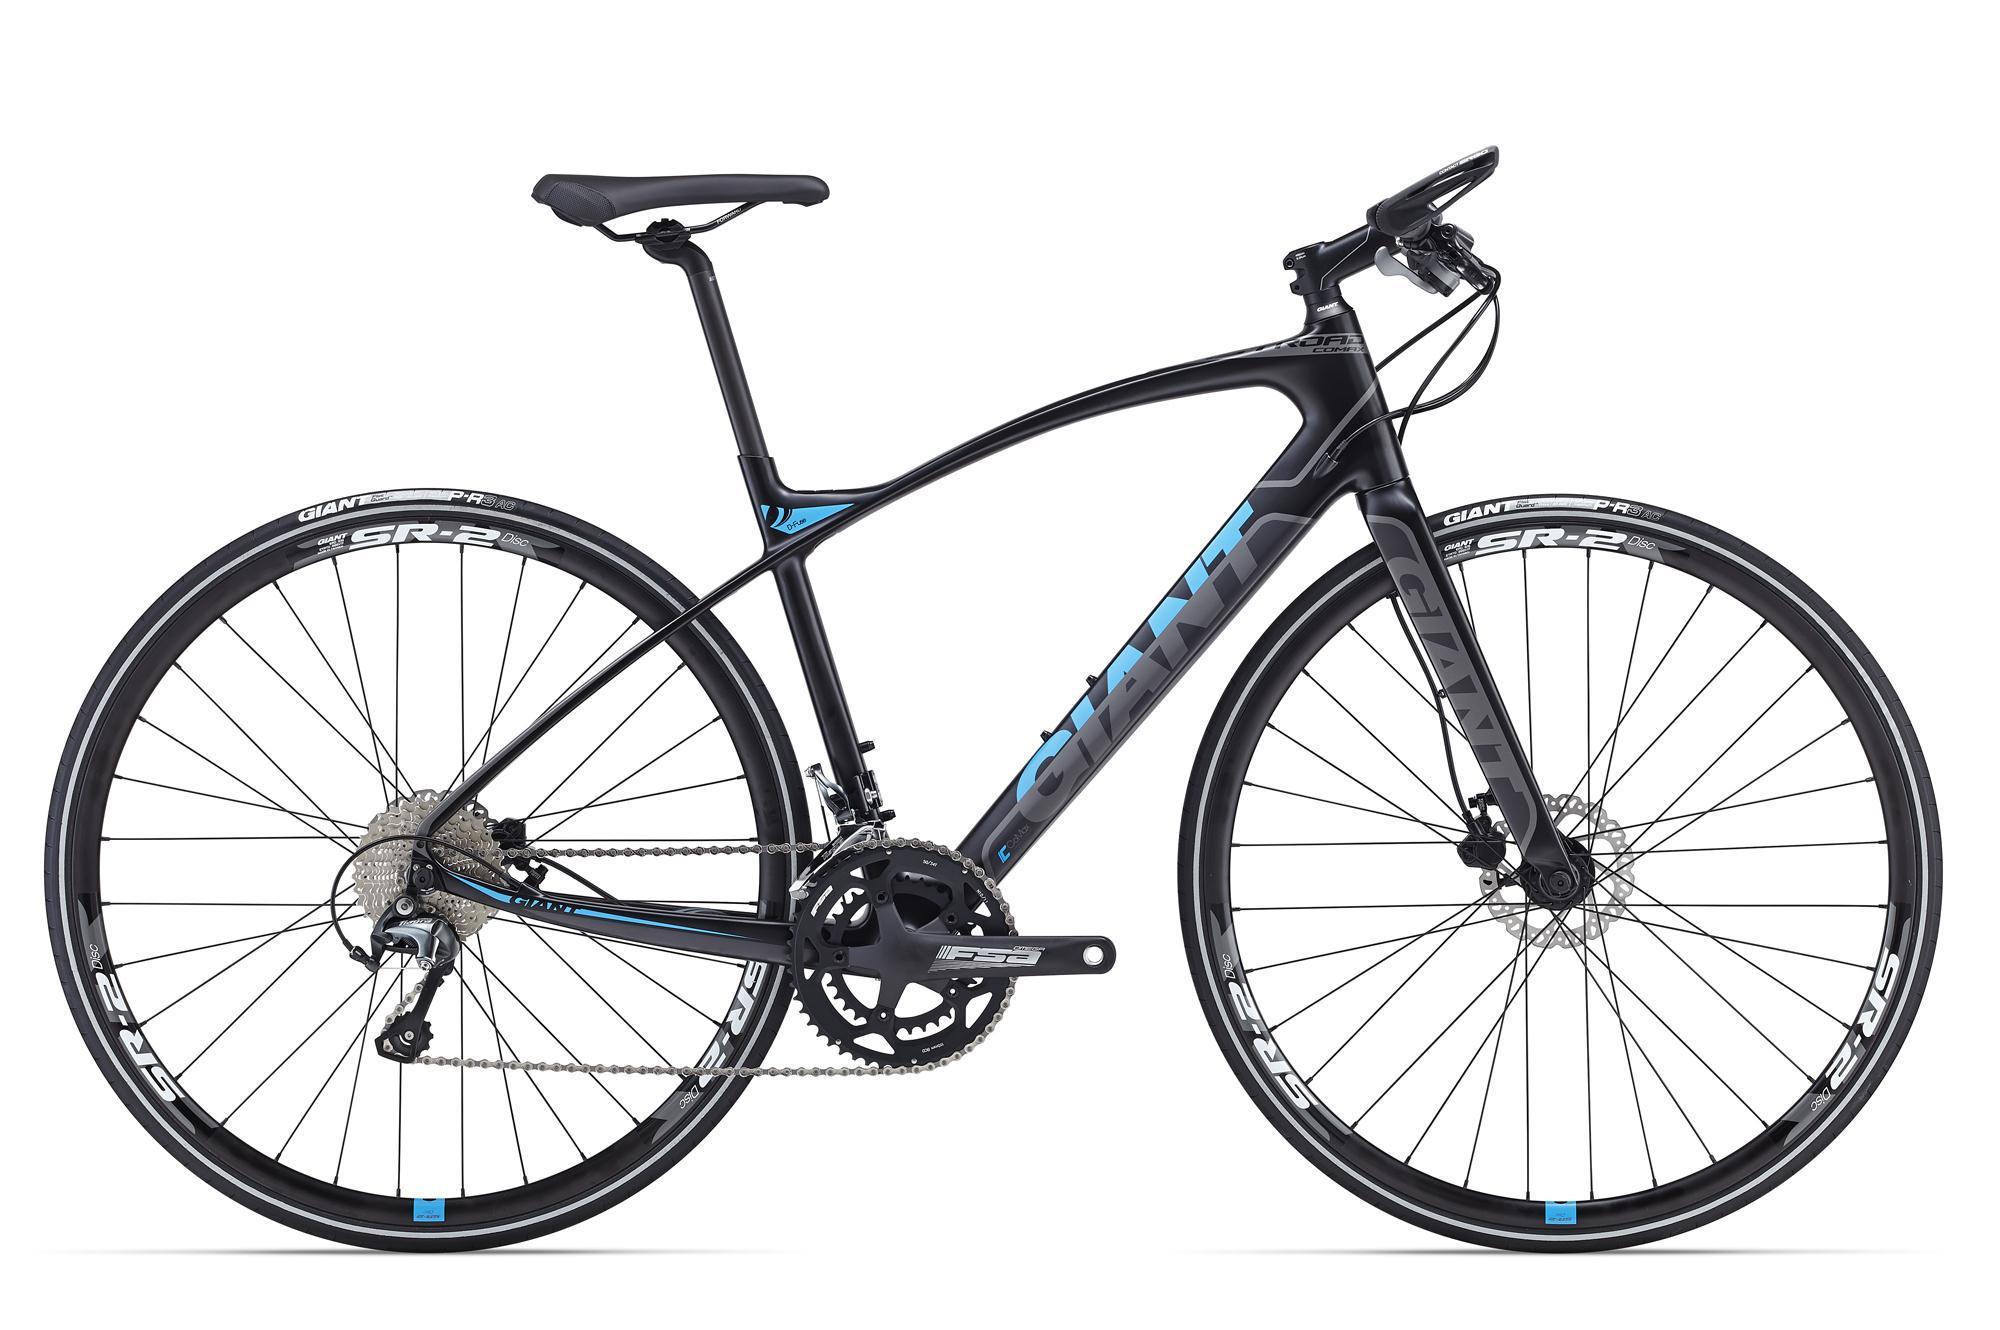 Giant FastRoad CoMax 2 (2016)Дорожные<br>Мечта любого велосипедиста – без особых усилий развивать скорости повыше и поддерживать их подольше. Подарить вам эти приятные впечатления готов Giant FastRoad CoMax – шоссейник с плоским рулем для катания в свое удовольствие. Это велосипед с рамой CoMax из карбона и армированного полимера, сбалансированной, очень легкой и быстрой. В ней также применяется технология RideSence, позволяющая встроить в перо передатчик, совместимый с велокомпьютерами ANT+, передающий на них данные о каденсе и скорости.<br>Вибропоглощающий подседльник D-Fuse, плоский руль и колеса 700с добавляют уверенности и управляемости, петляете ли вы по городу, или выехали тренироваться на трассу. Трансмиссия – надежная Shimano Tiagra 2x10, дисковые тормоза обеспечивают мощное и уверенное торможение в любую погоду на любом рельефе.<br>